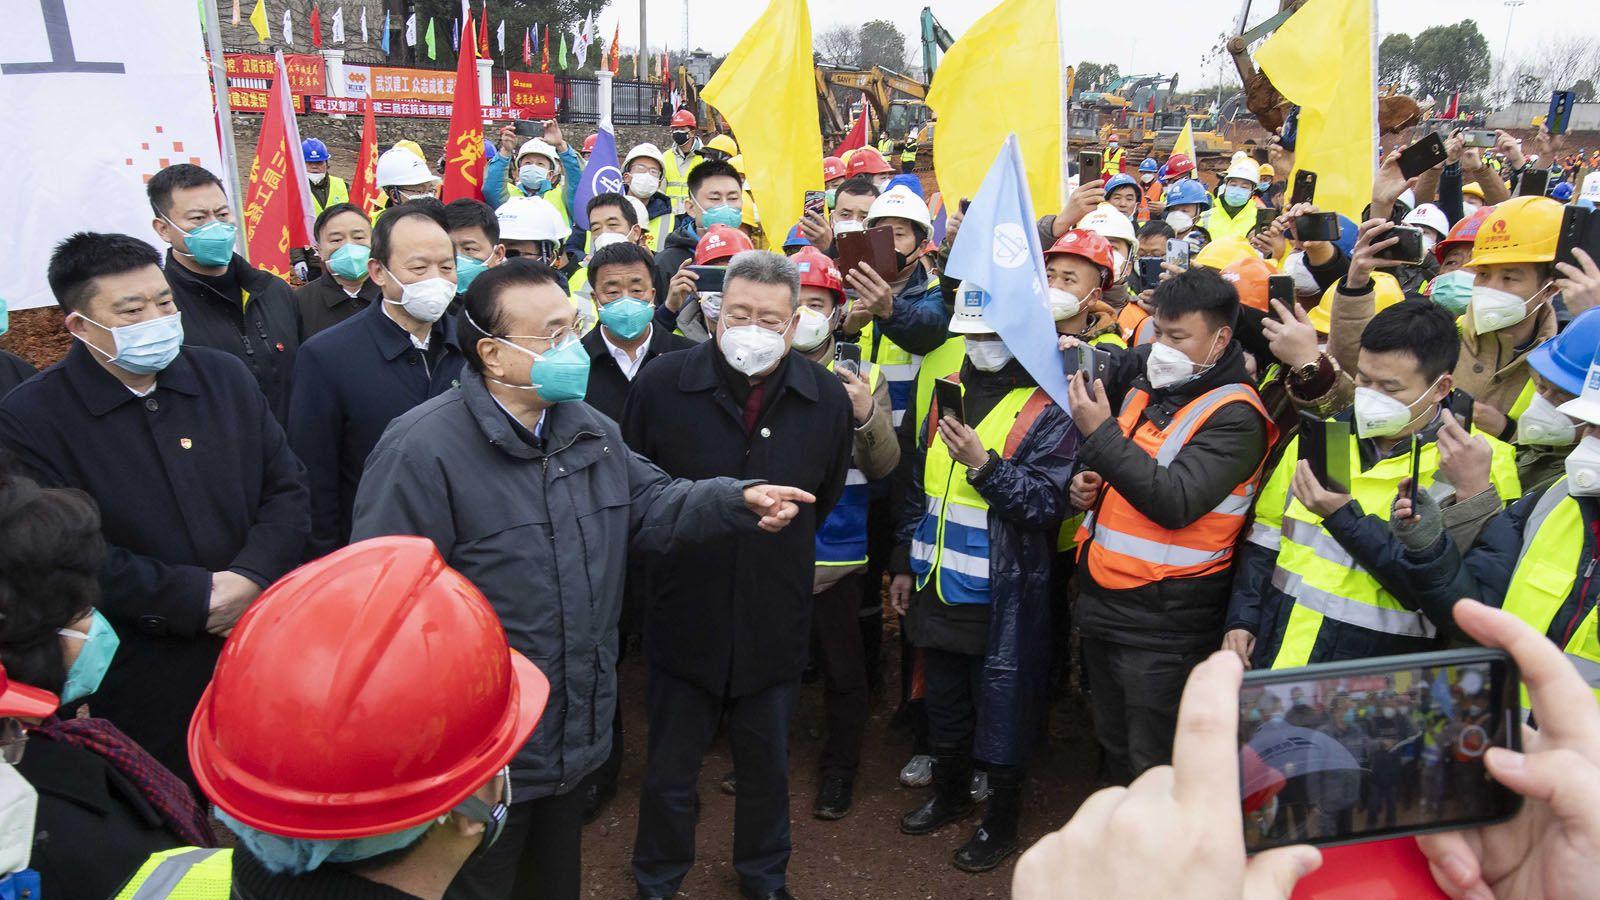 コロナ とれ 中国 責任